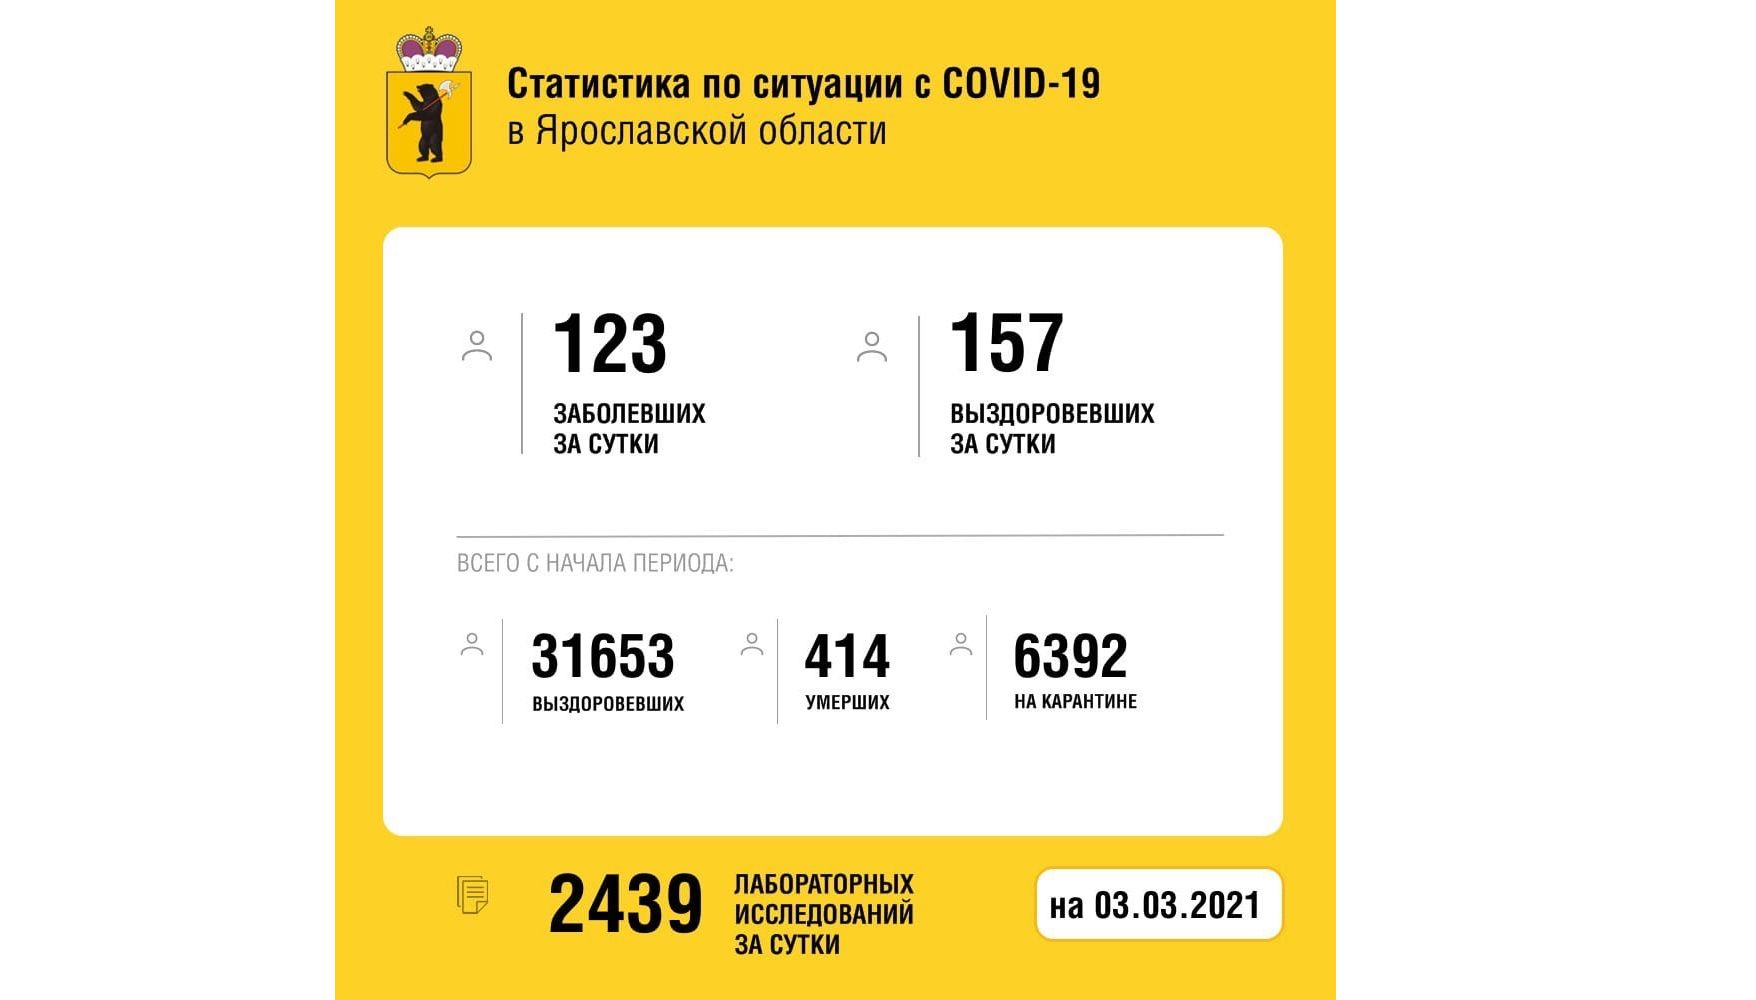 В Ярославской области заболели коронавирусом еще 123 человека, четверо скончались.